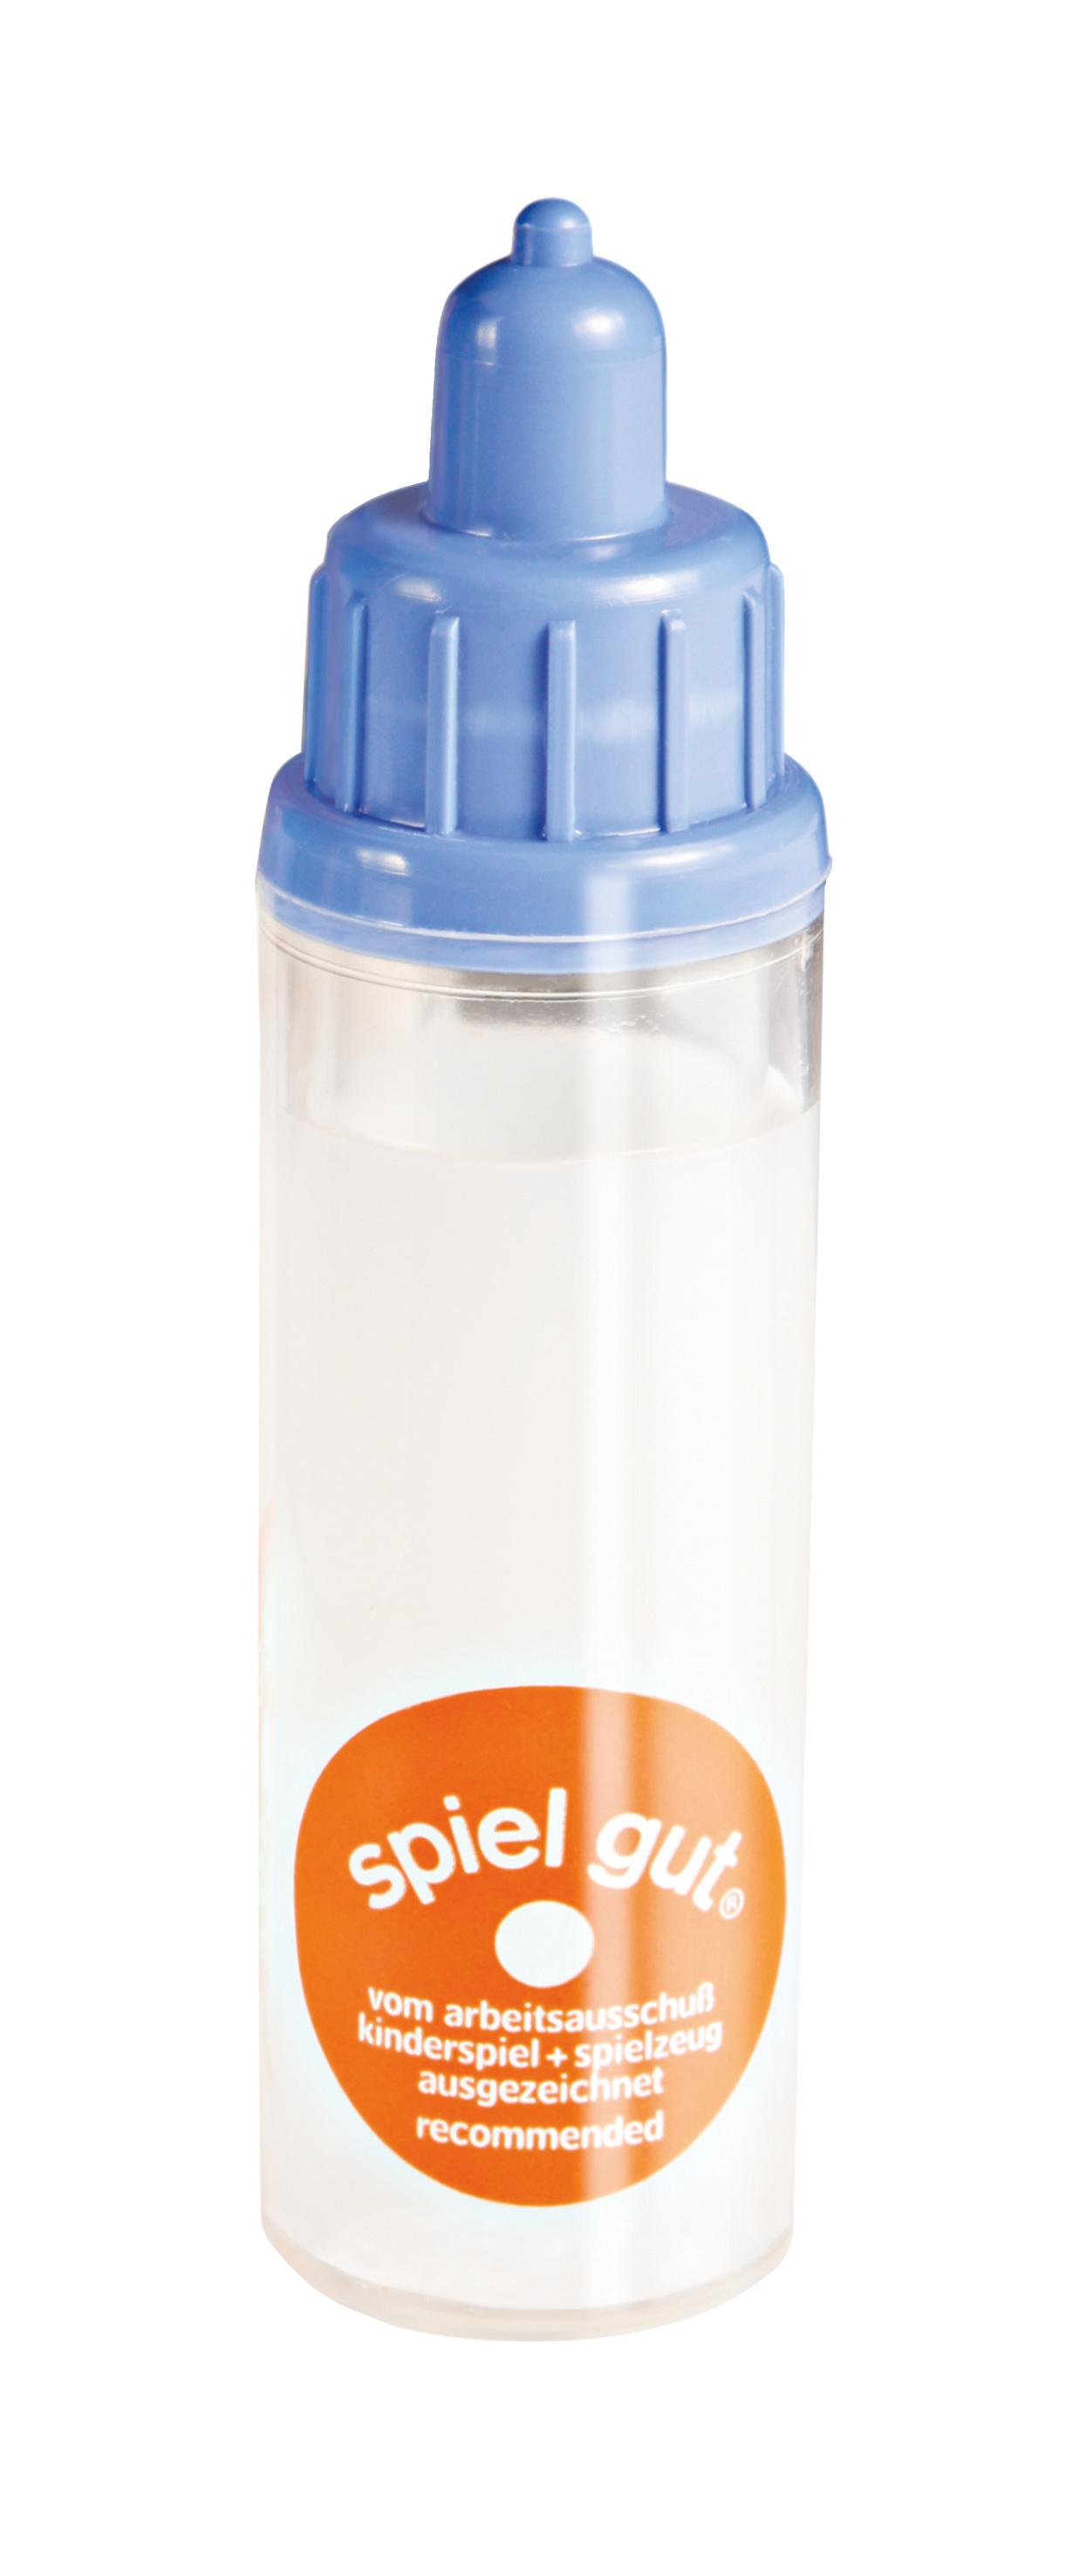 Trickmilchflasche